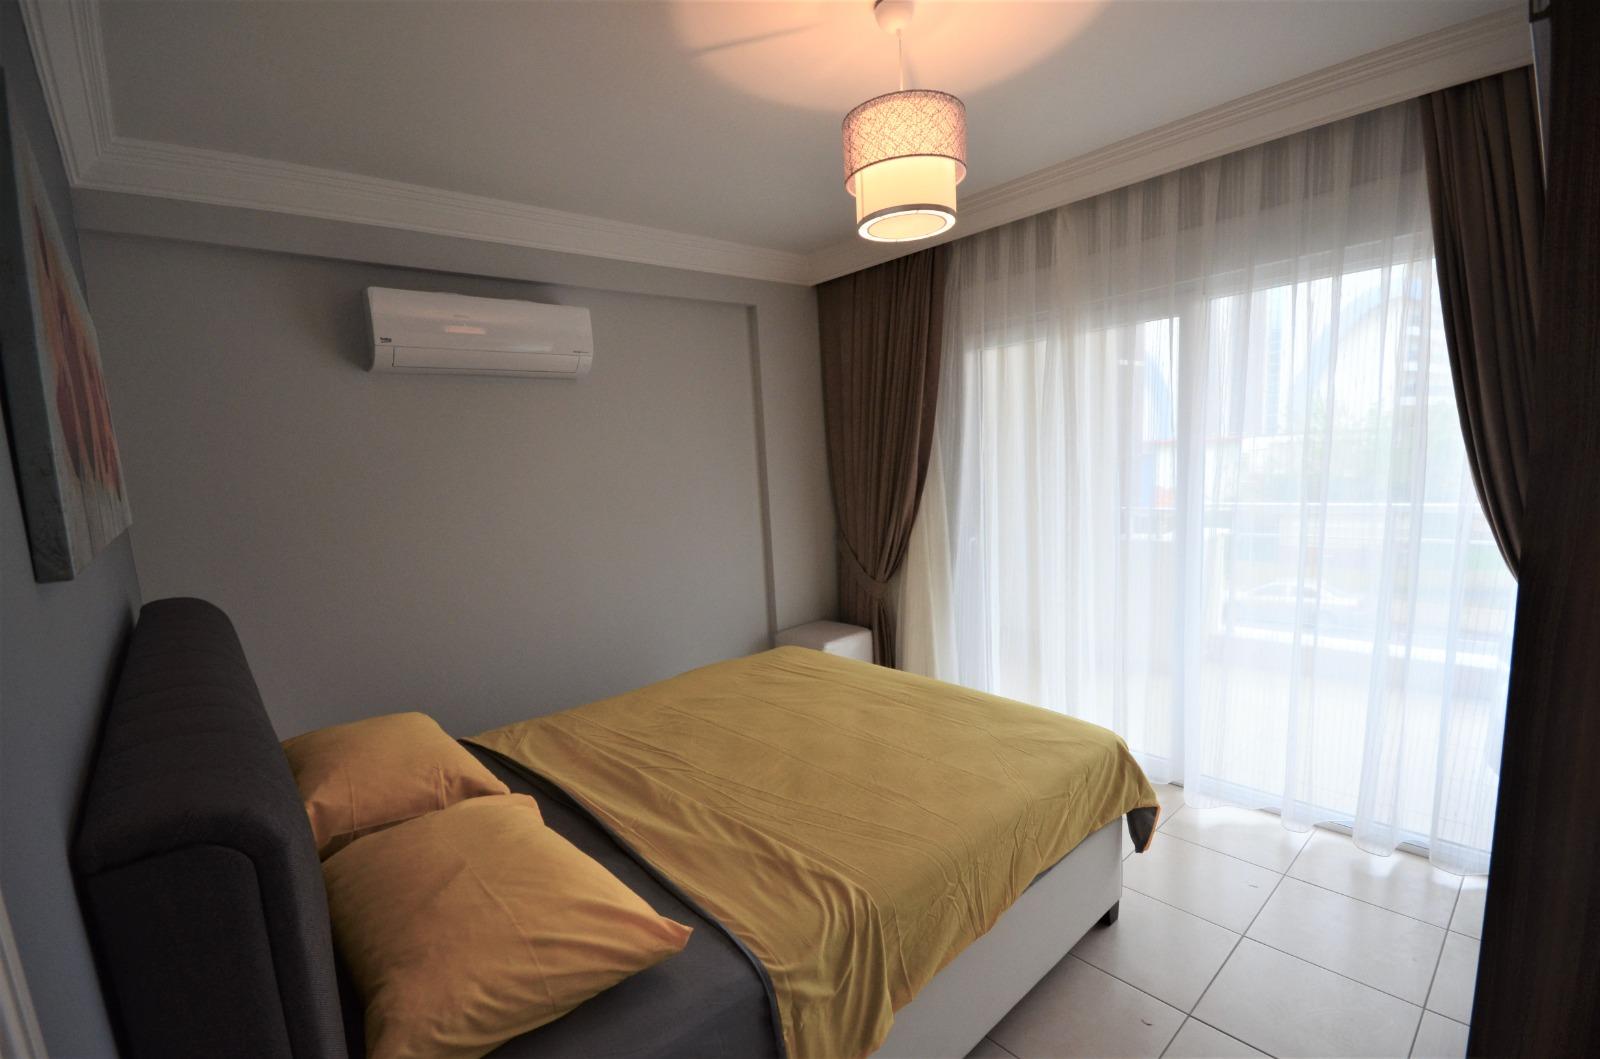 Двухкомнатная квартира с мебелью и бытовой техникой в районе Тосмур - Фото 11